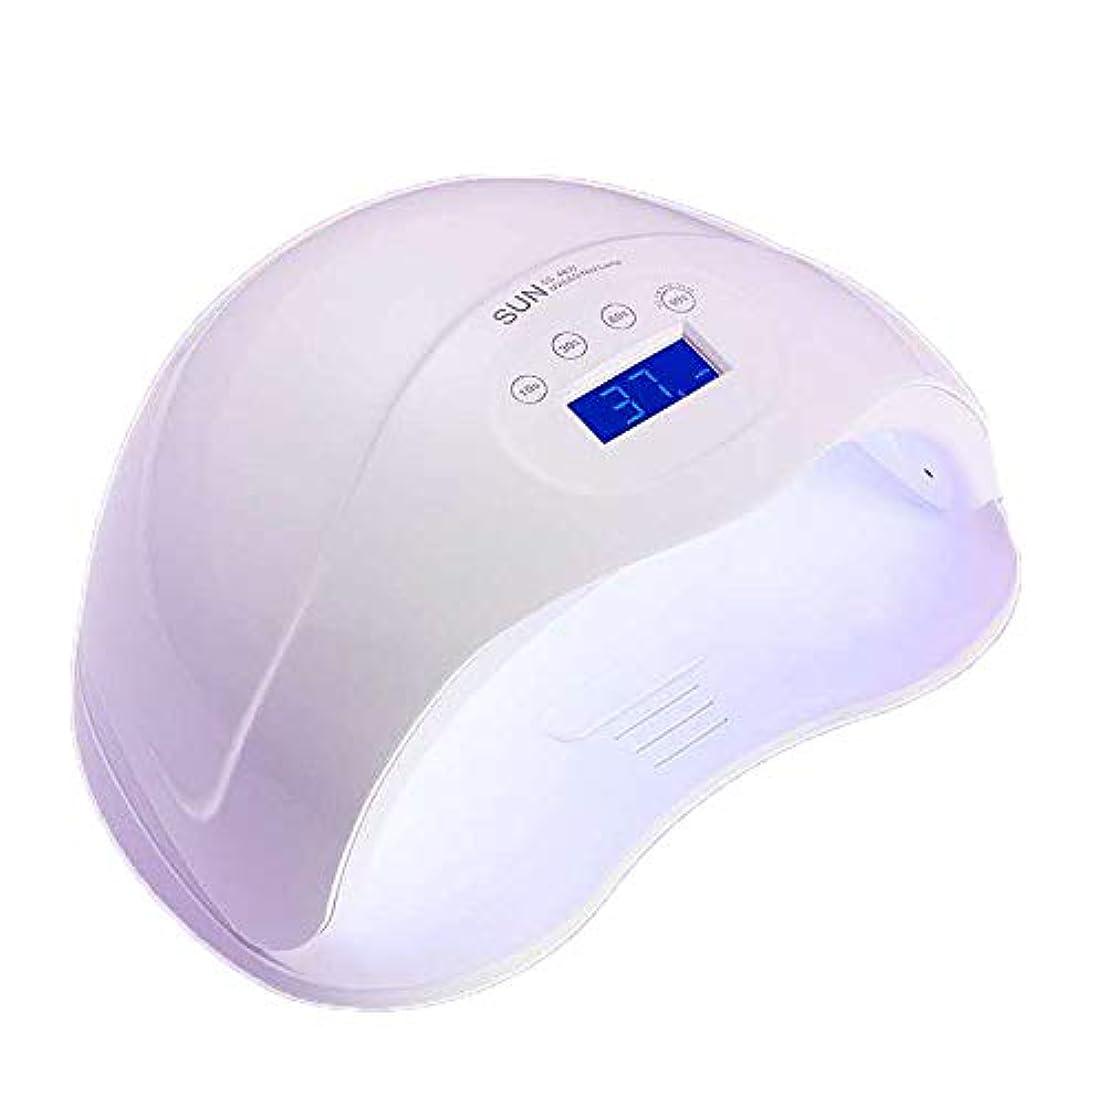 マガジン大学エゴイズムネイルライト48W、UV/LEDネイルドライヤー痛みのない硬化光自動誘導LEDディスプレイ3タイマーセットネイルとトーネイルジェルポリッシュ